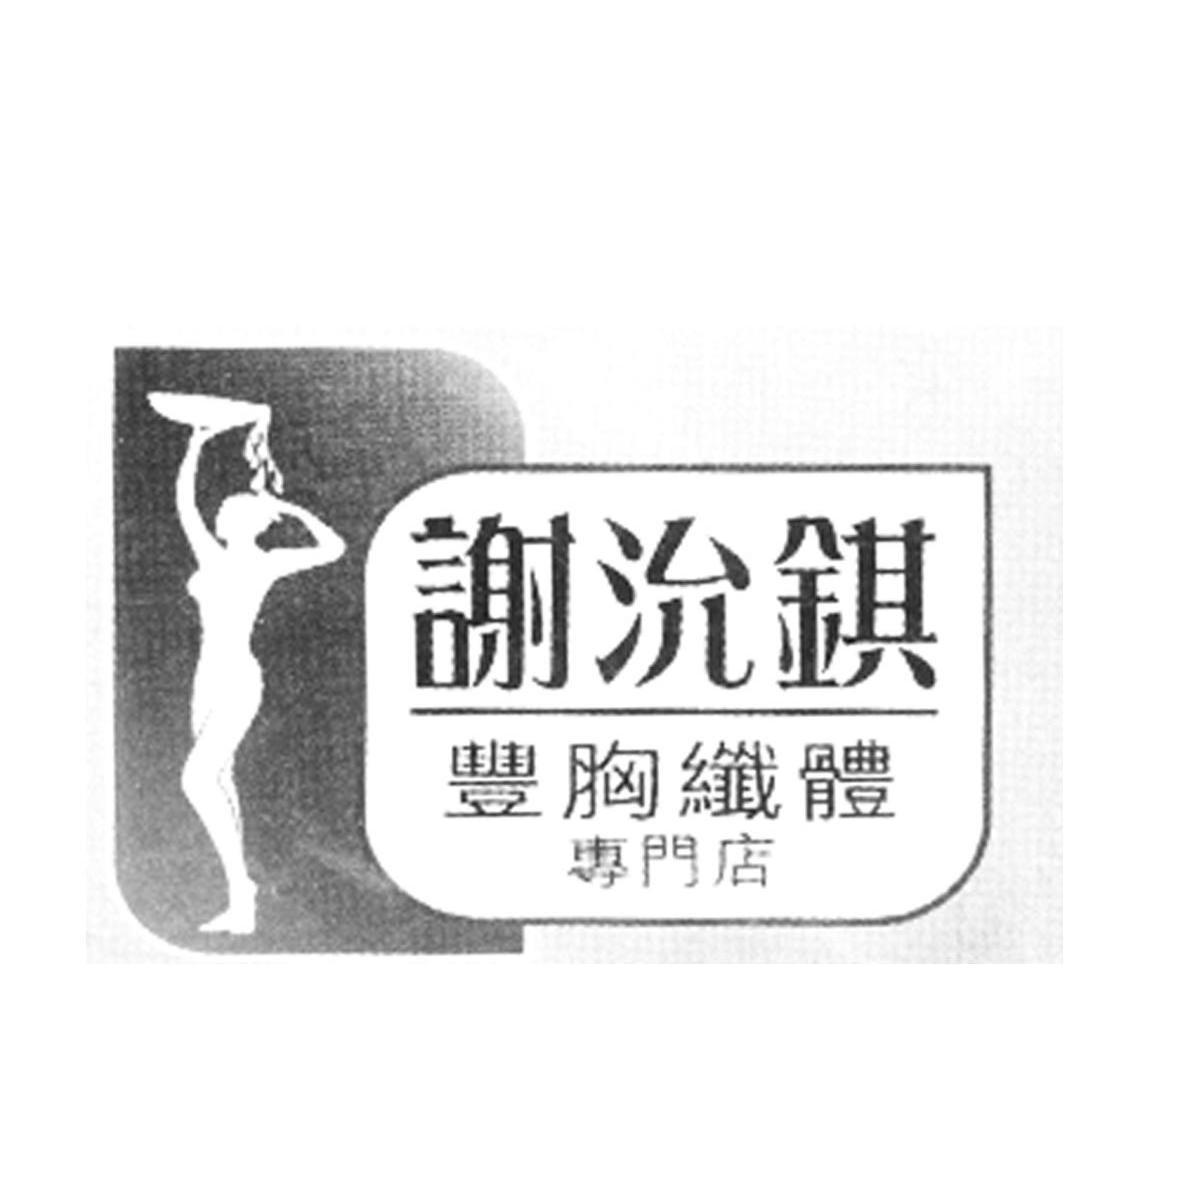 谢沇錤 丰胸纤体 专门店